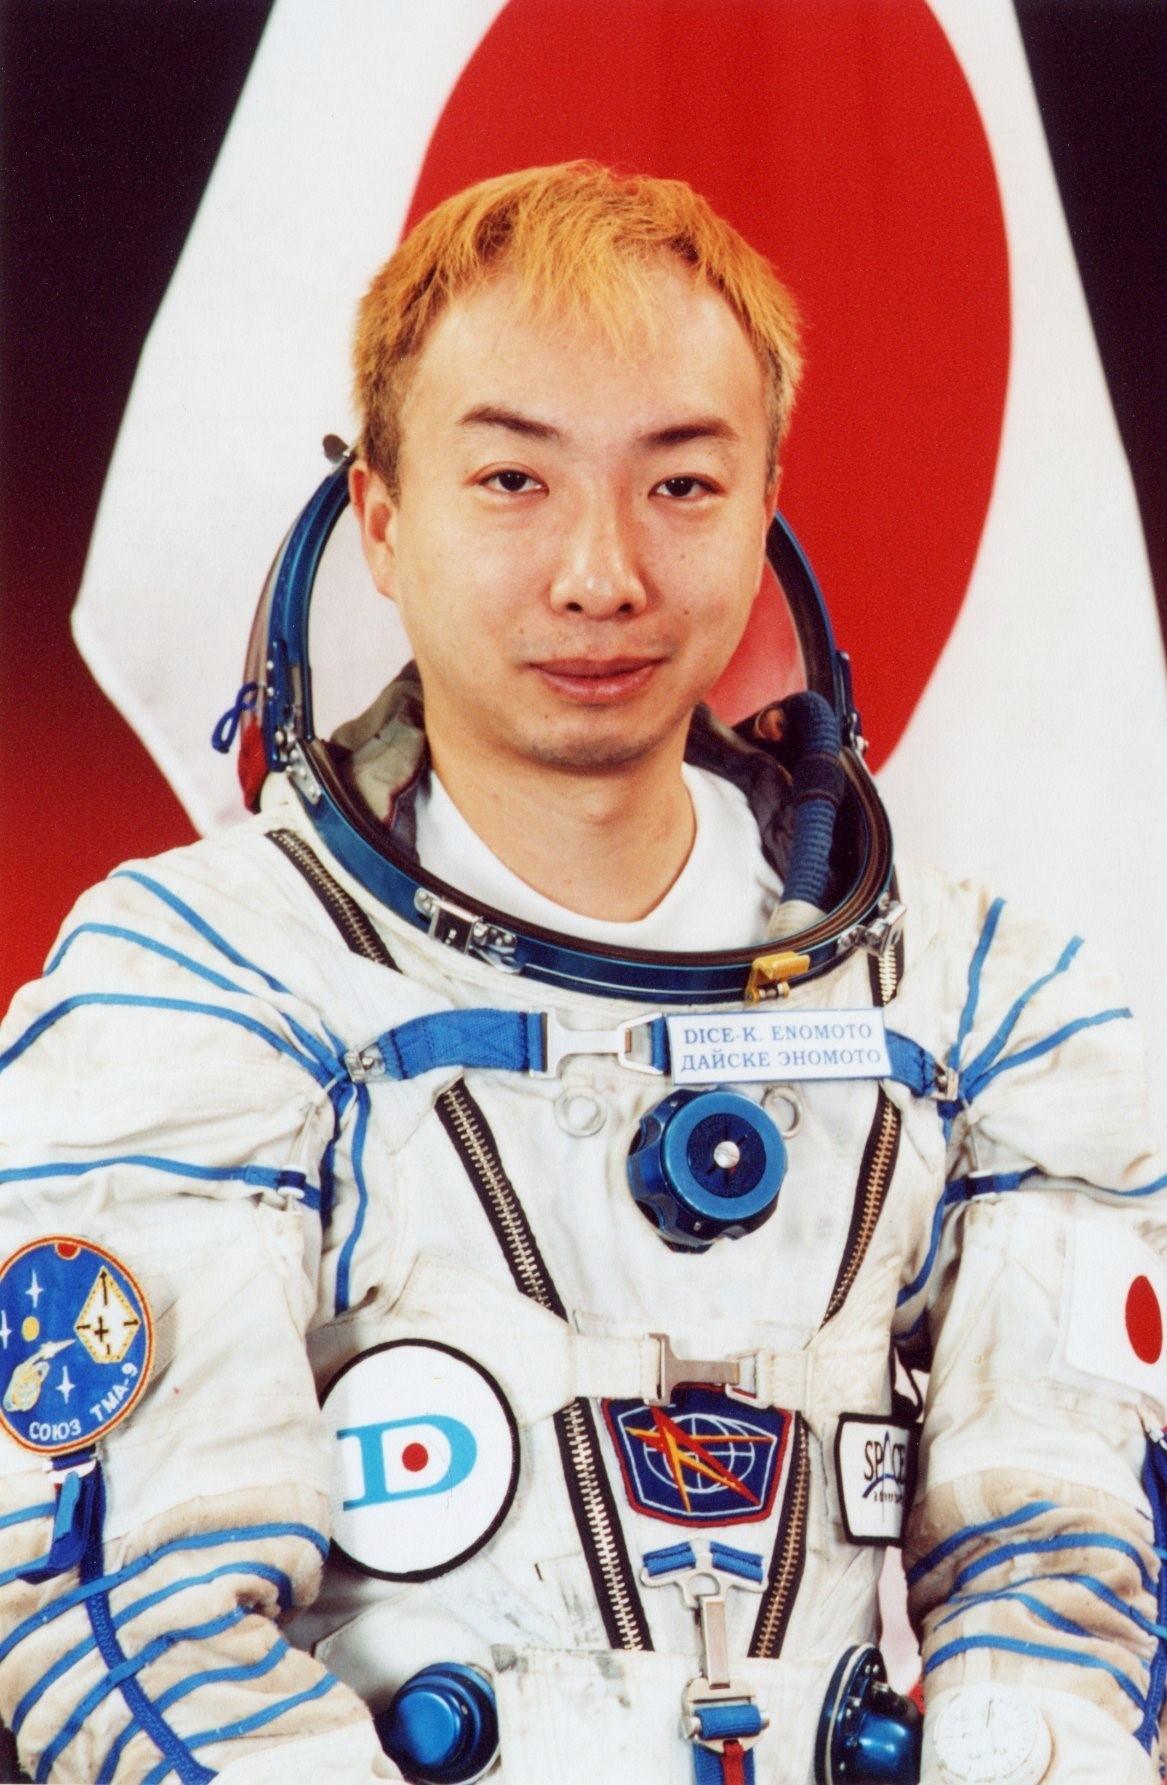 Daisuke Enomoto ile ilgili görsel sonucu